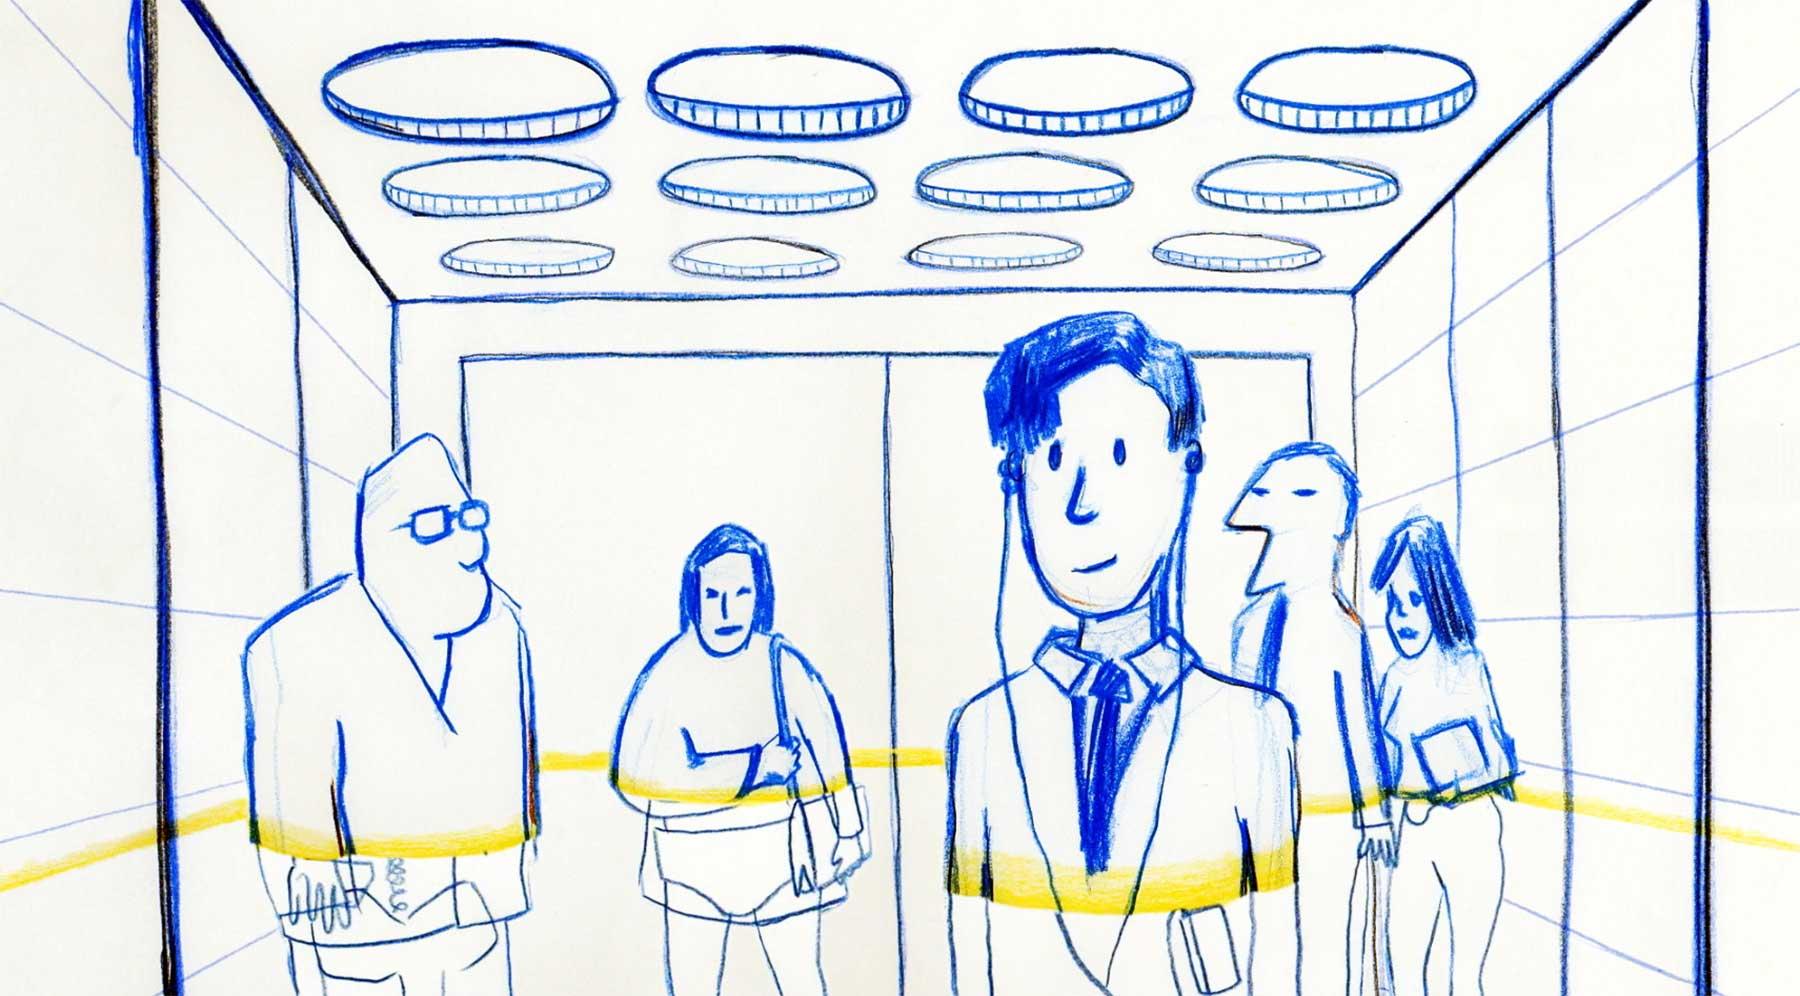 Der gläserne Mensch hat nichts zu verstecken kurzfilm-transparency